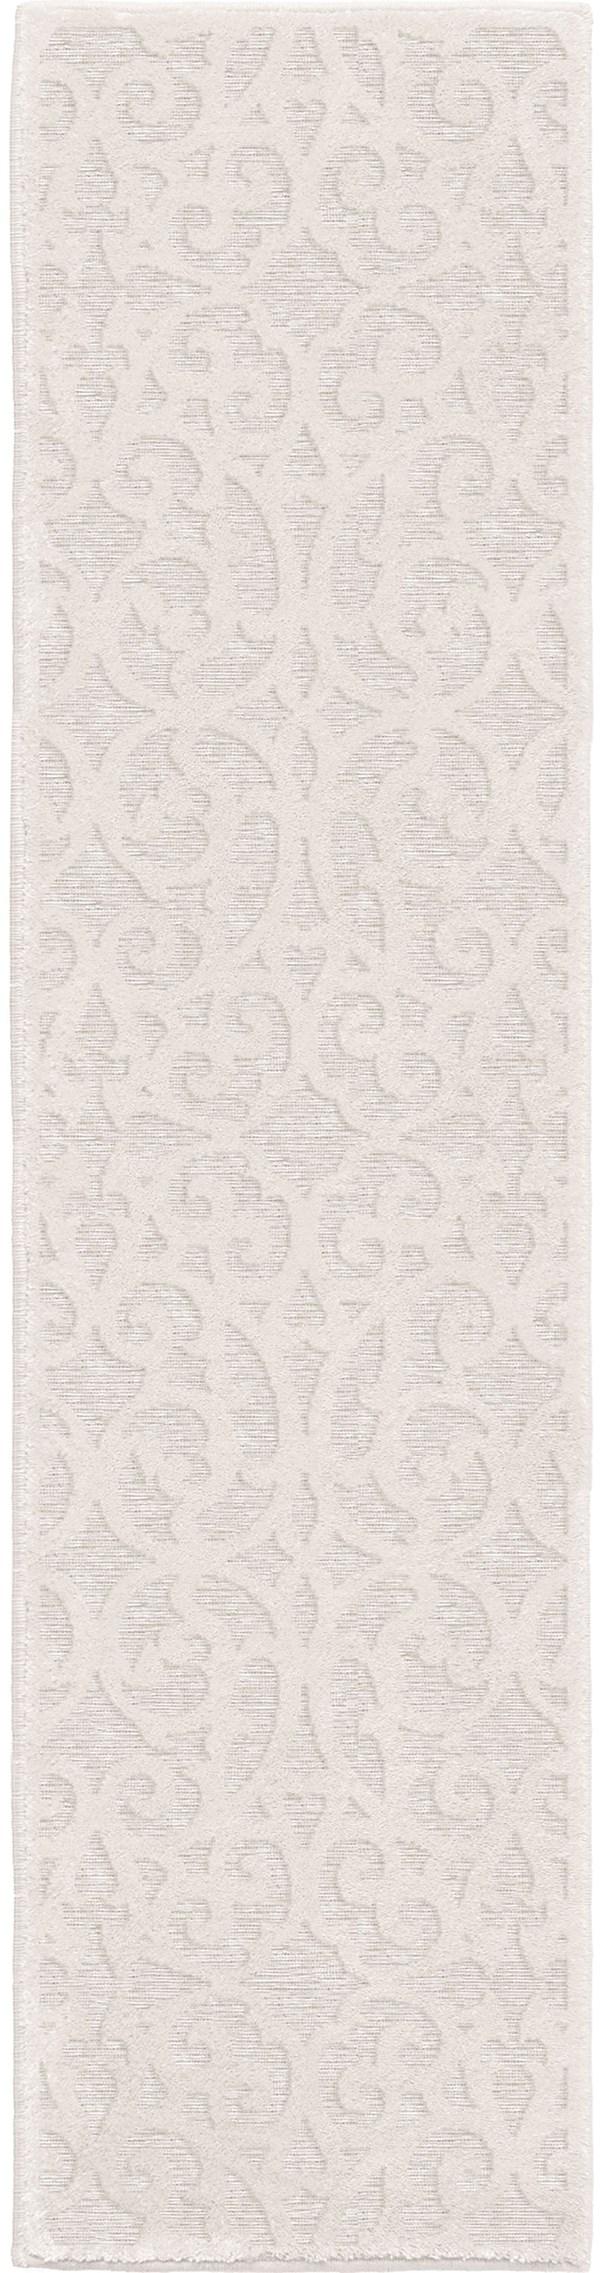 Ivory (4704) Outdoor / Indoor Area Rug